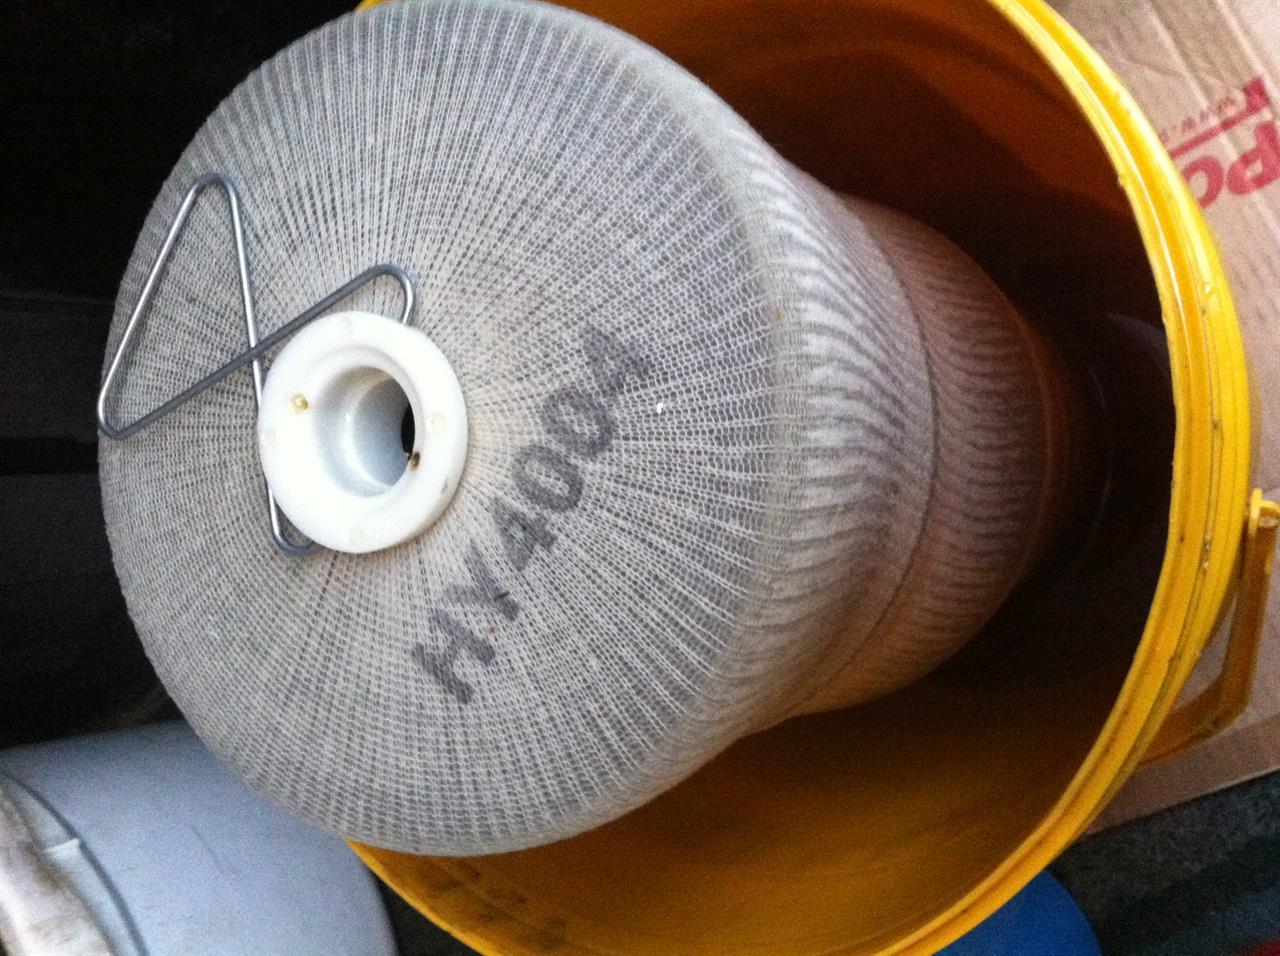 Filterelement etter rens der det var mye skitt / kontaminasjon i hydraulikkolje.